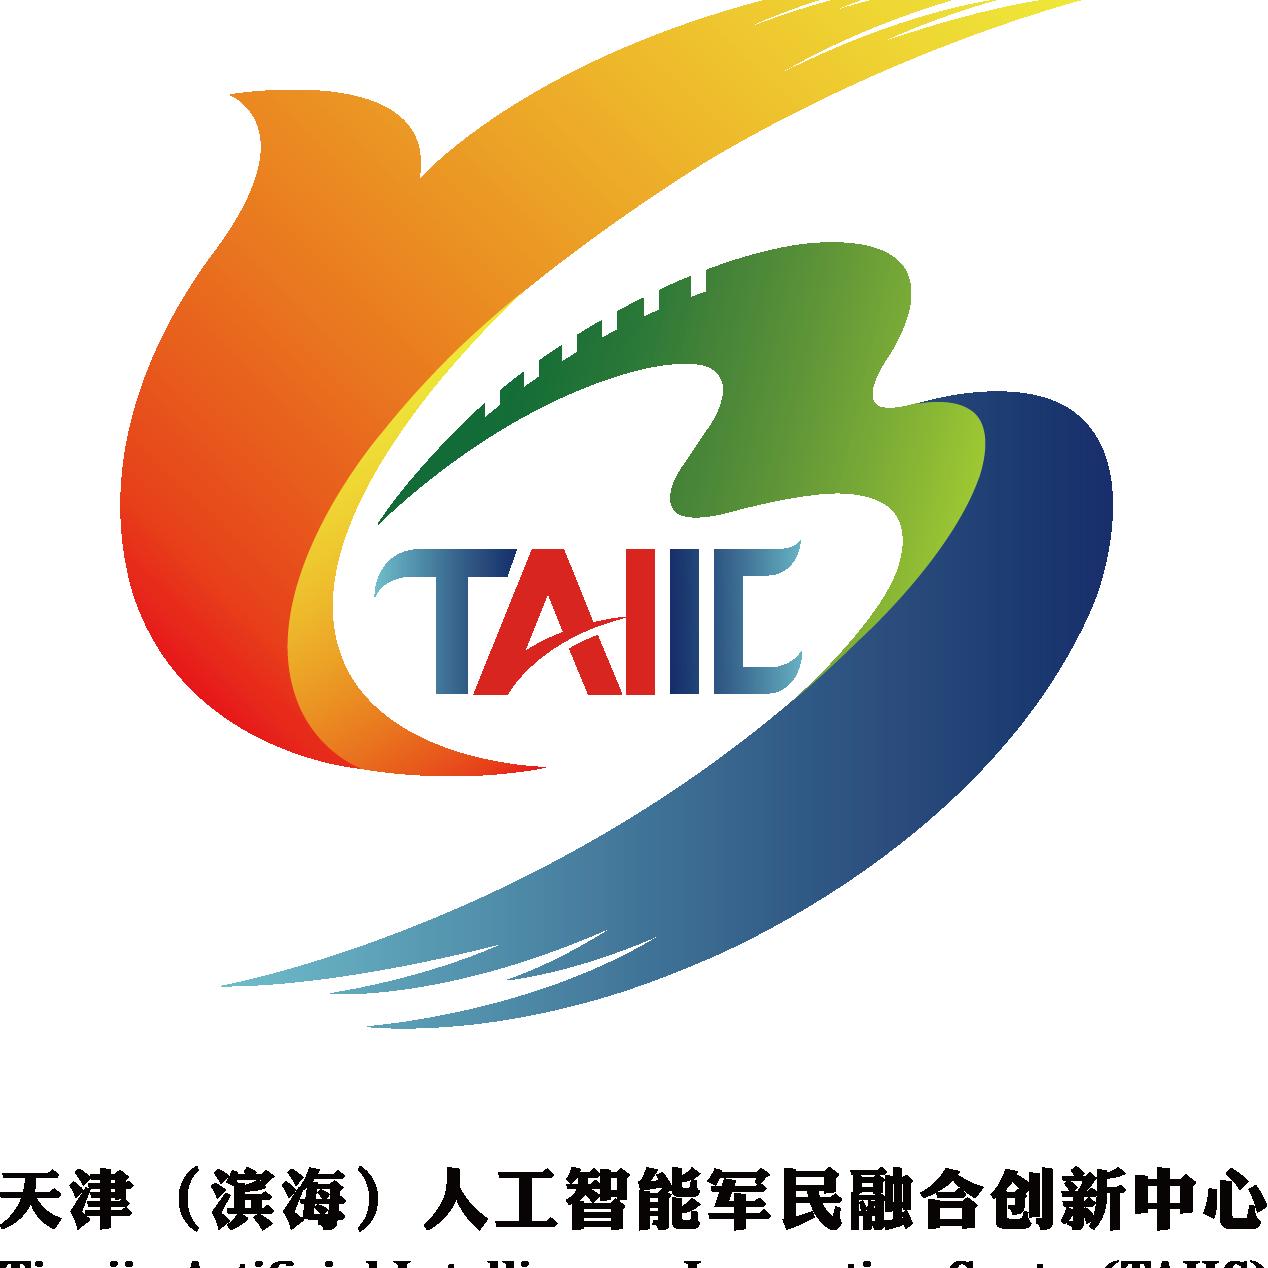 天津(滨海)人工智能创新中心